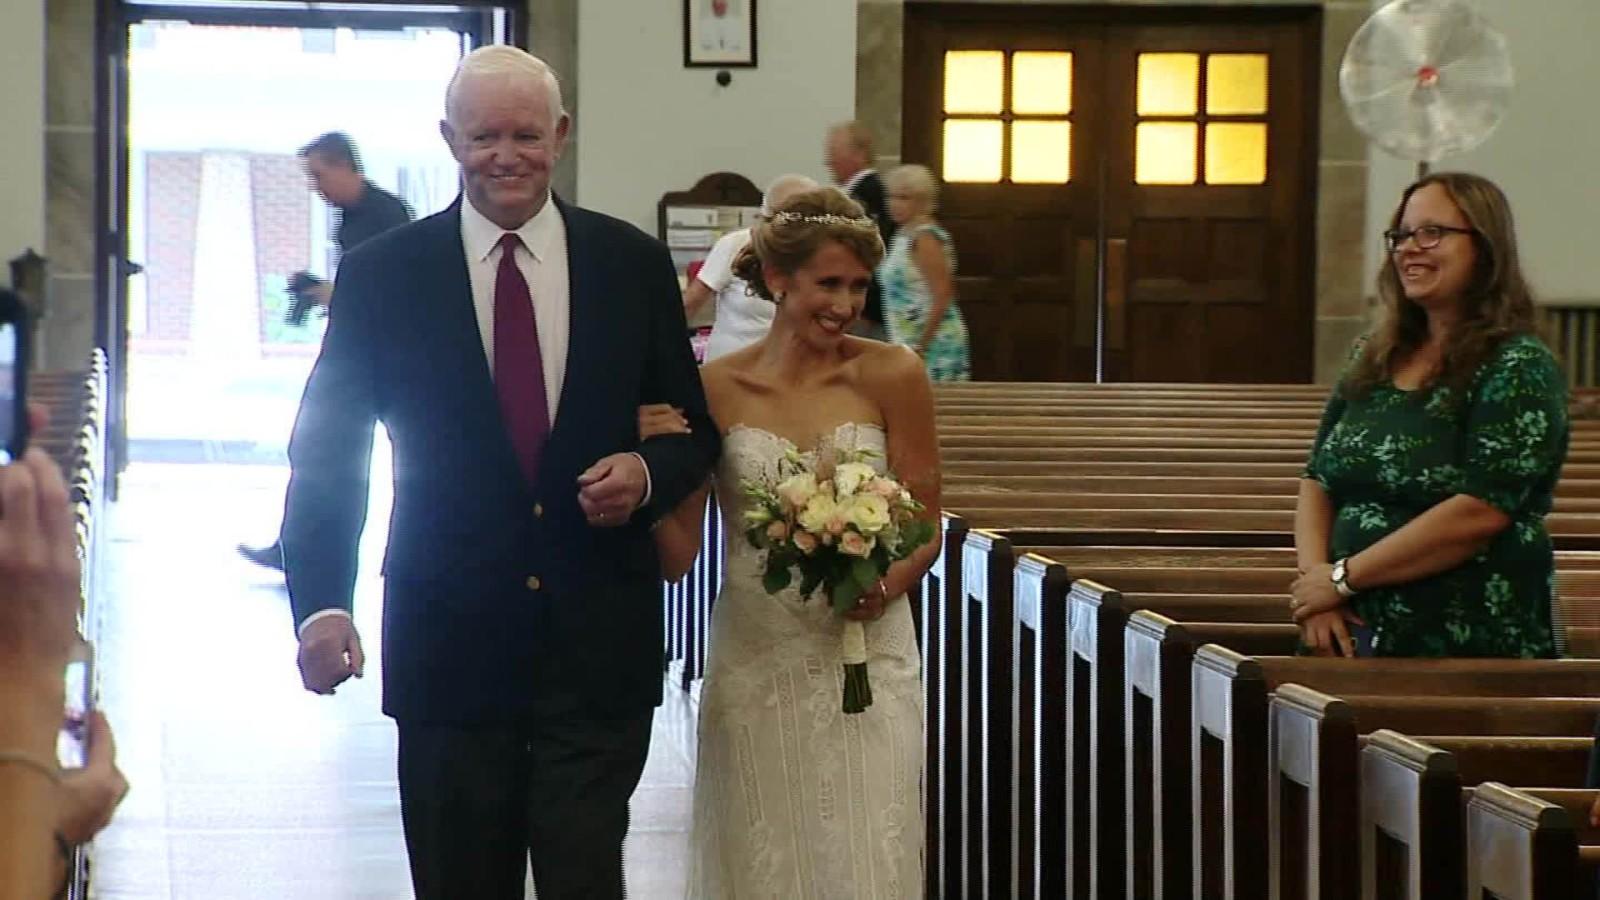 Elle se marie dans les bras de l'homme qui a reçu le cœur de son père